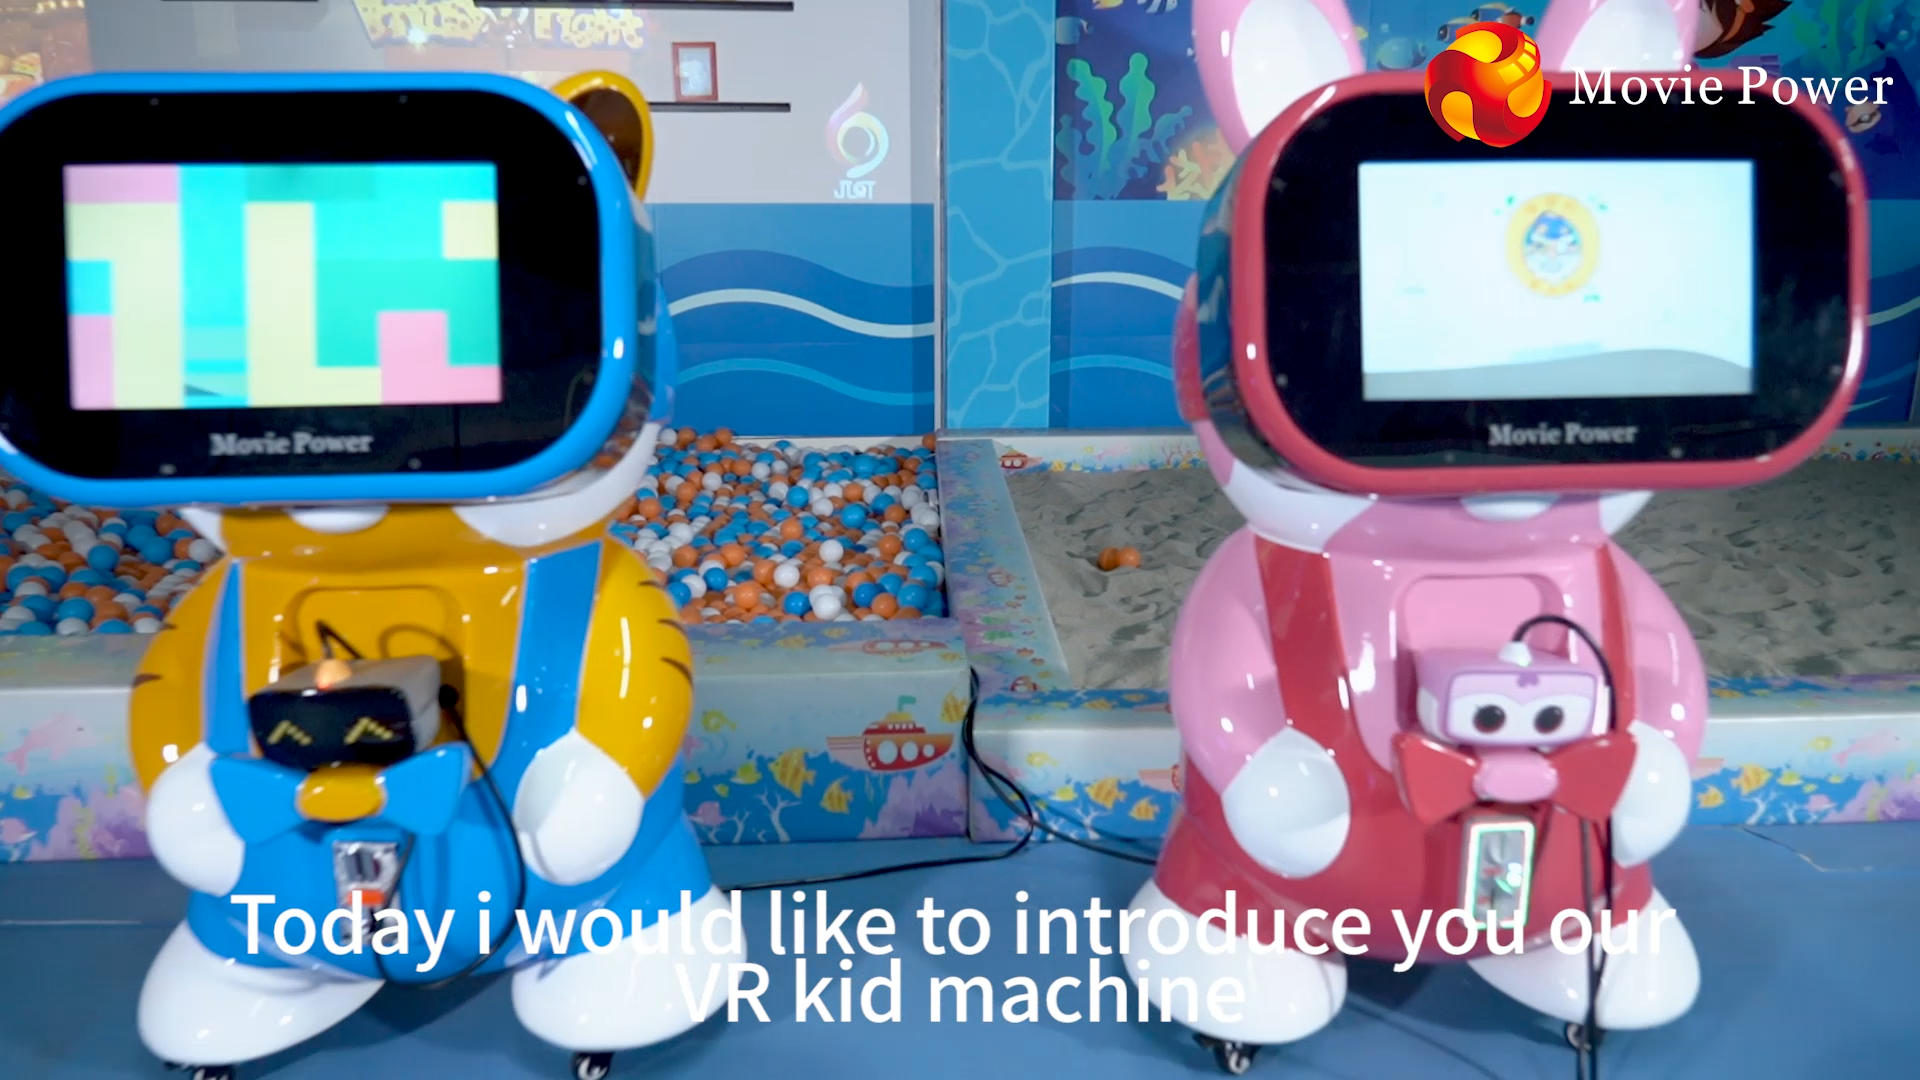 Oportunidades de pequenos negócios vr crianças moeda operado máquina de jogo de vídeo hand held 9d vr máquina de jogo de arcade para venda